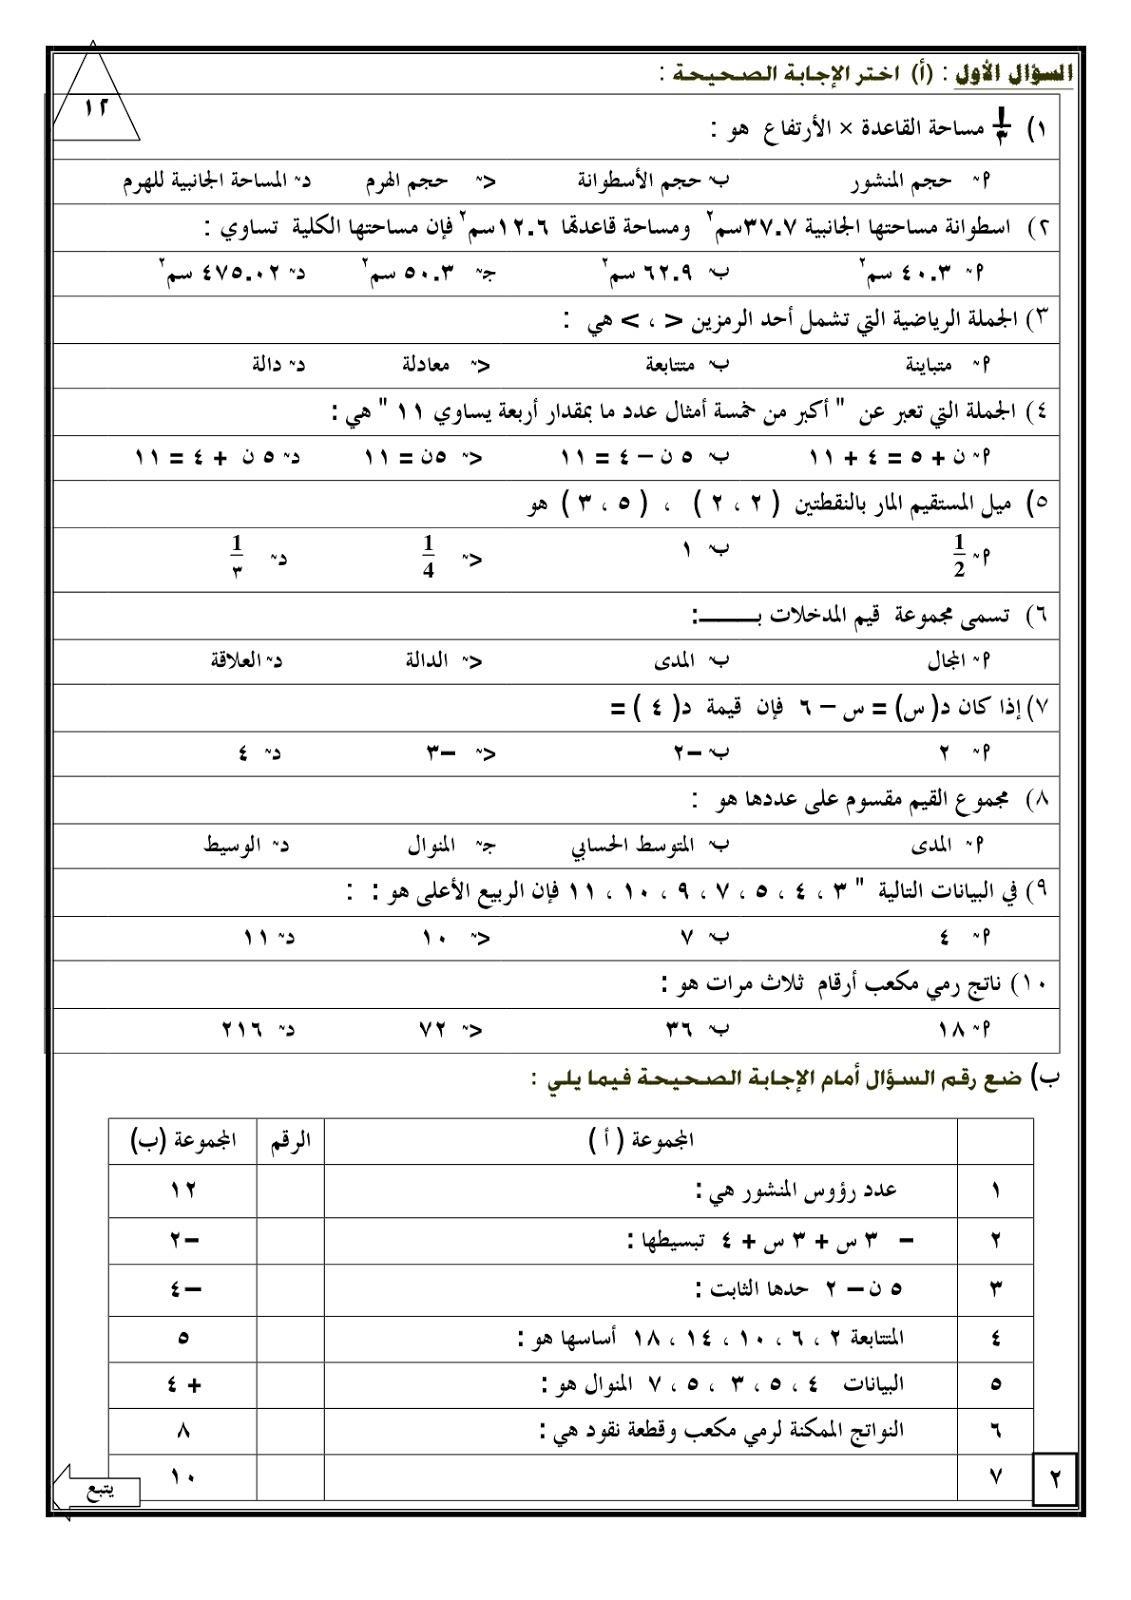 نماذج اسئلة الاختبارات الصف الثاني المتوسط رياضيات الفصل الثاني المناهج السعودية